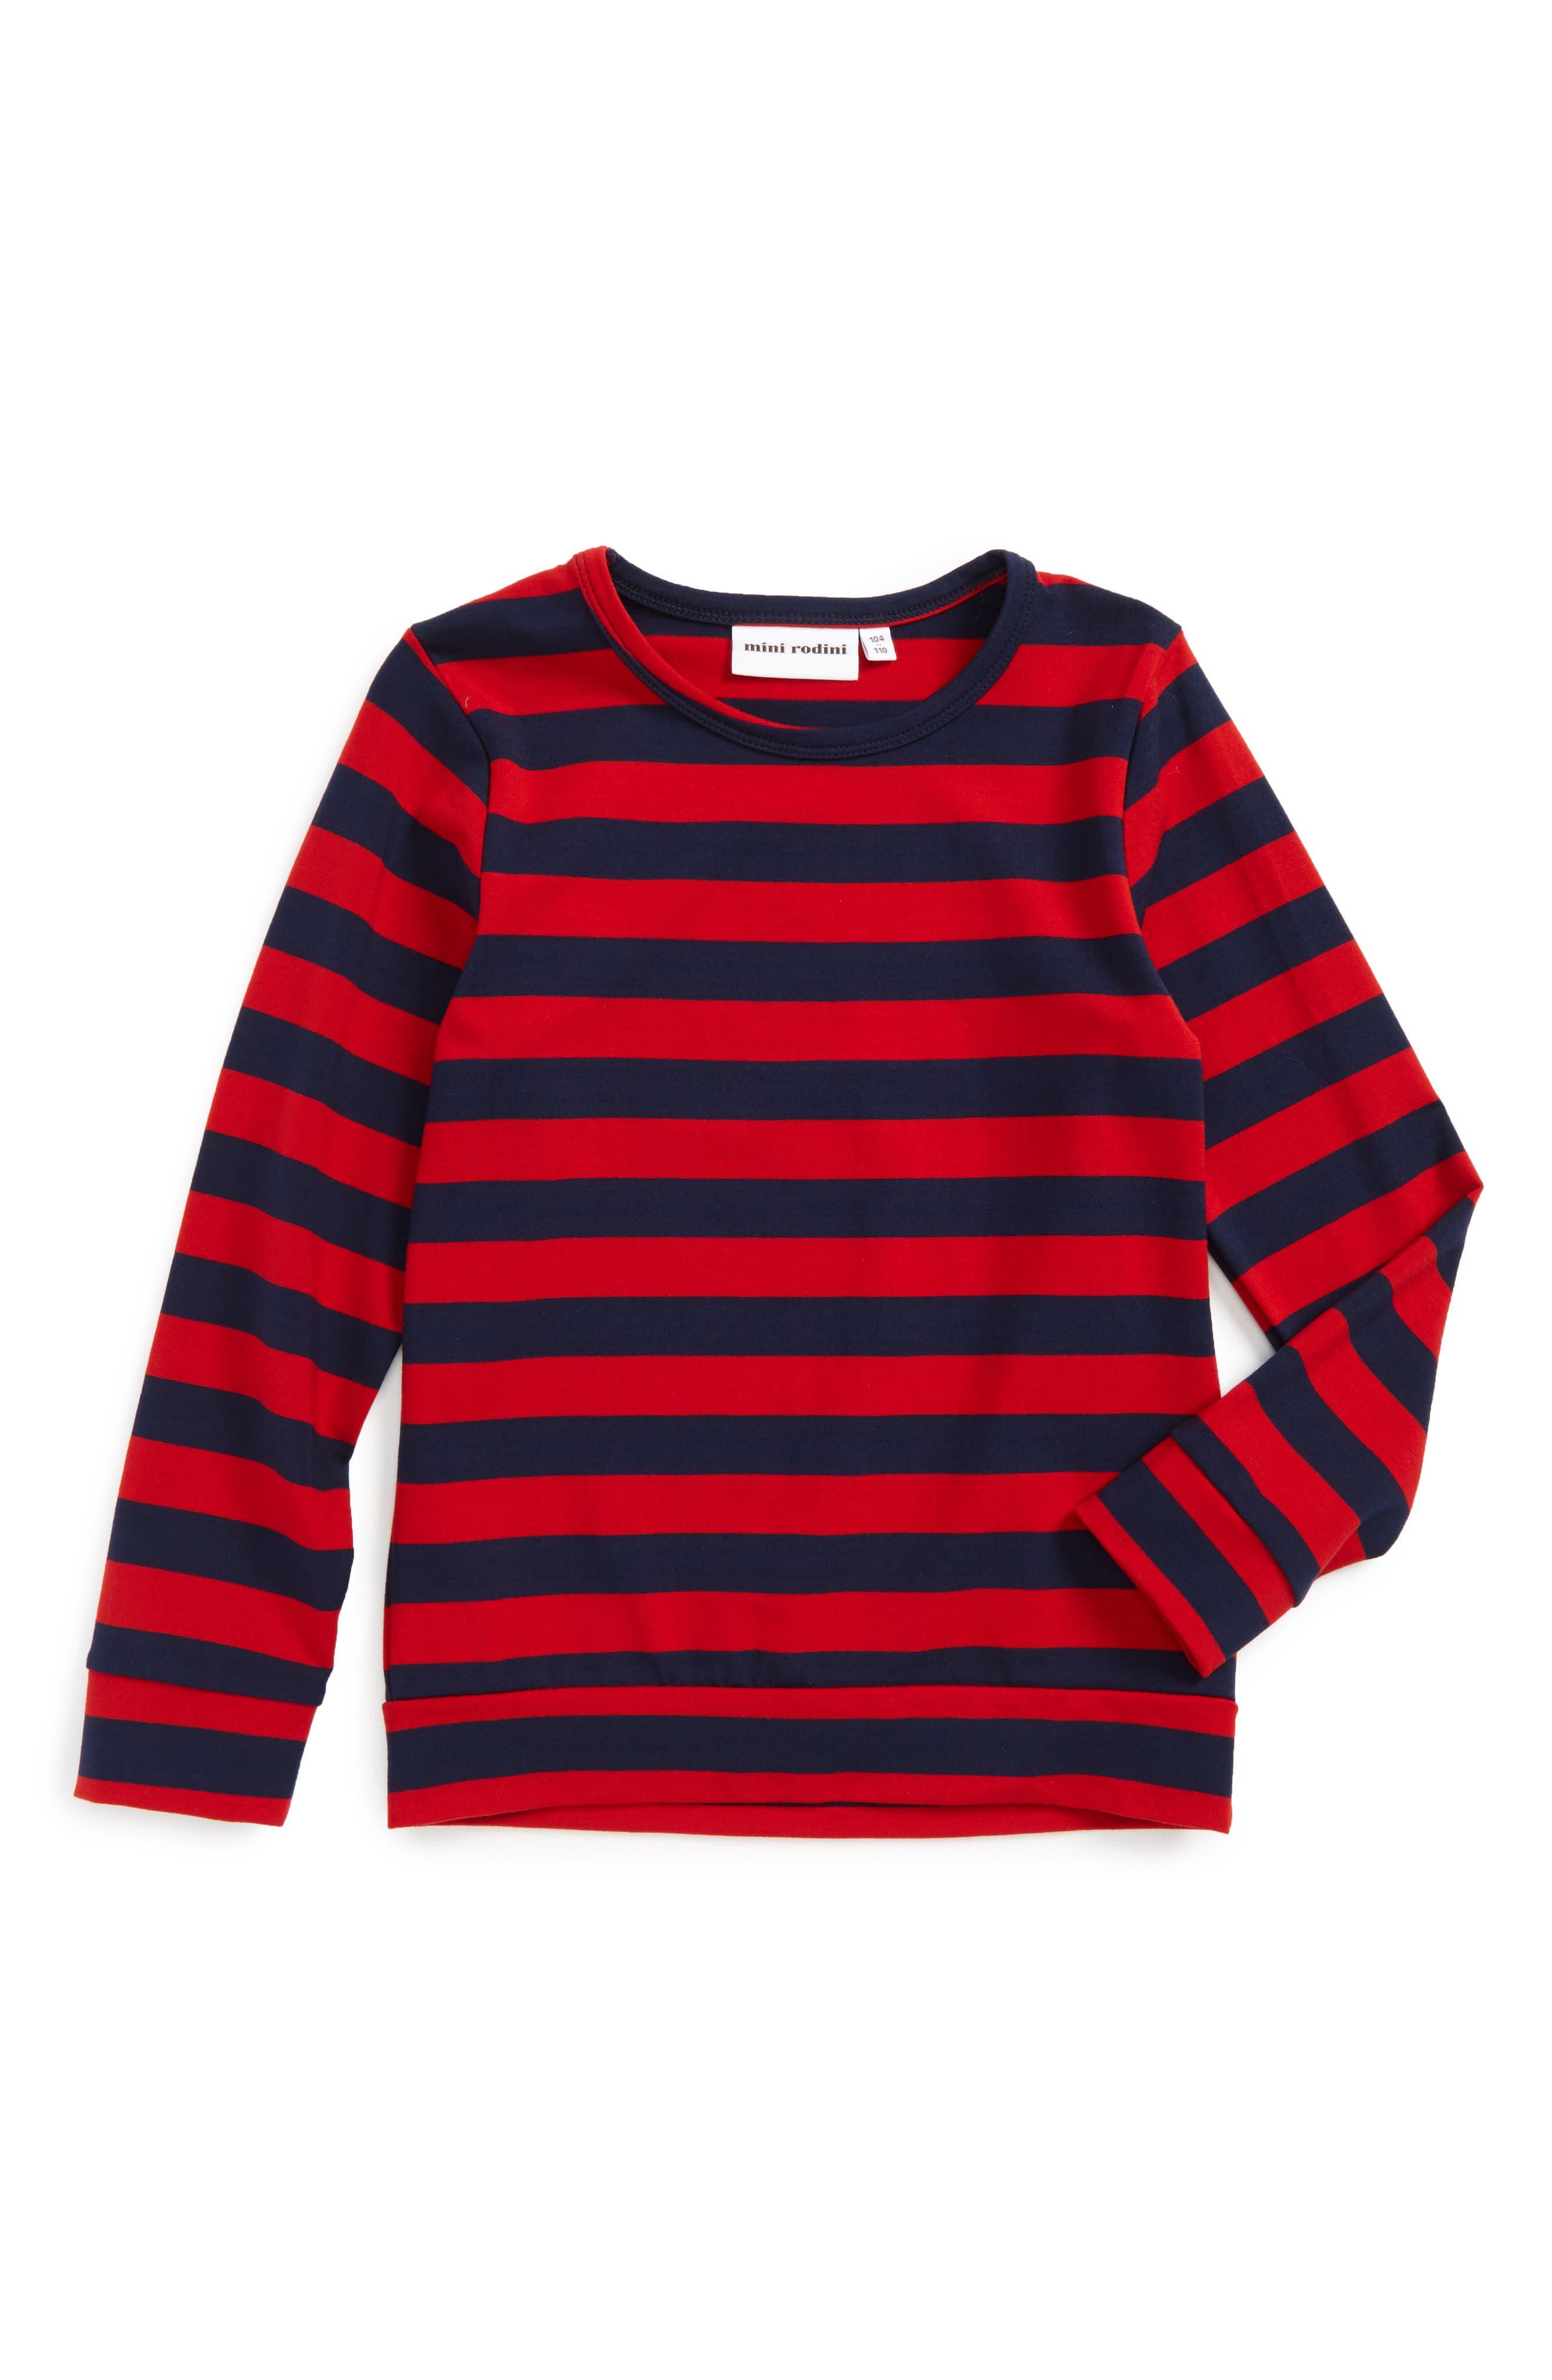 Mini Rodini Stripe T-Shirt (Toddler Boys & Little Boys)